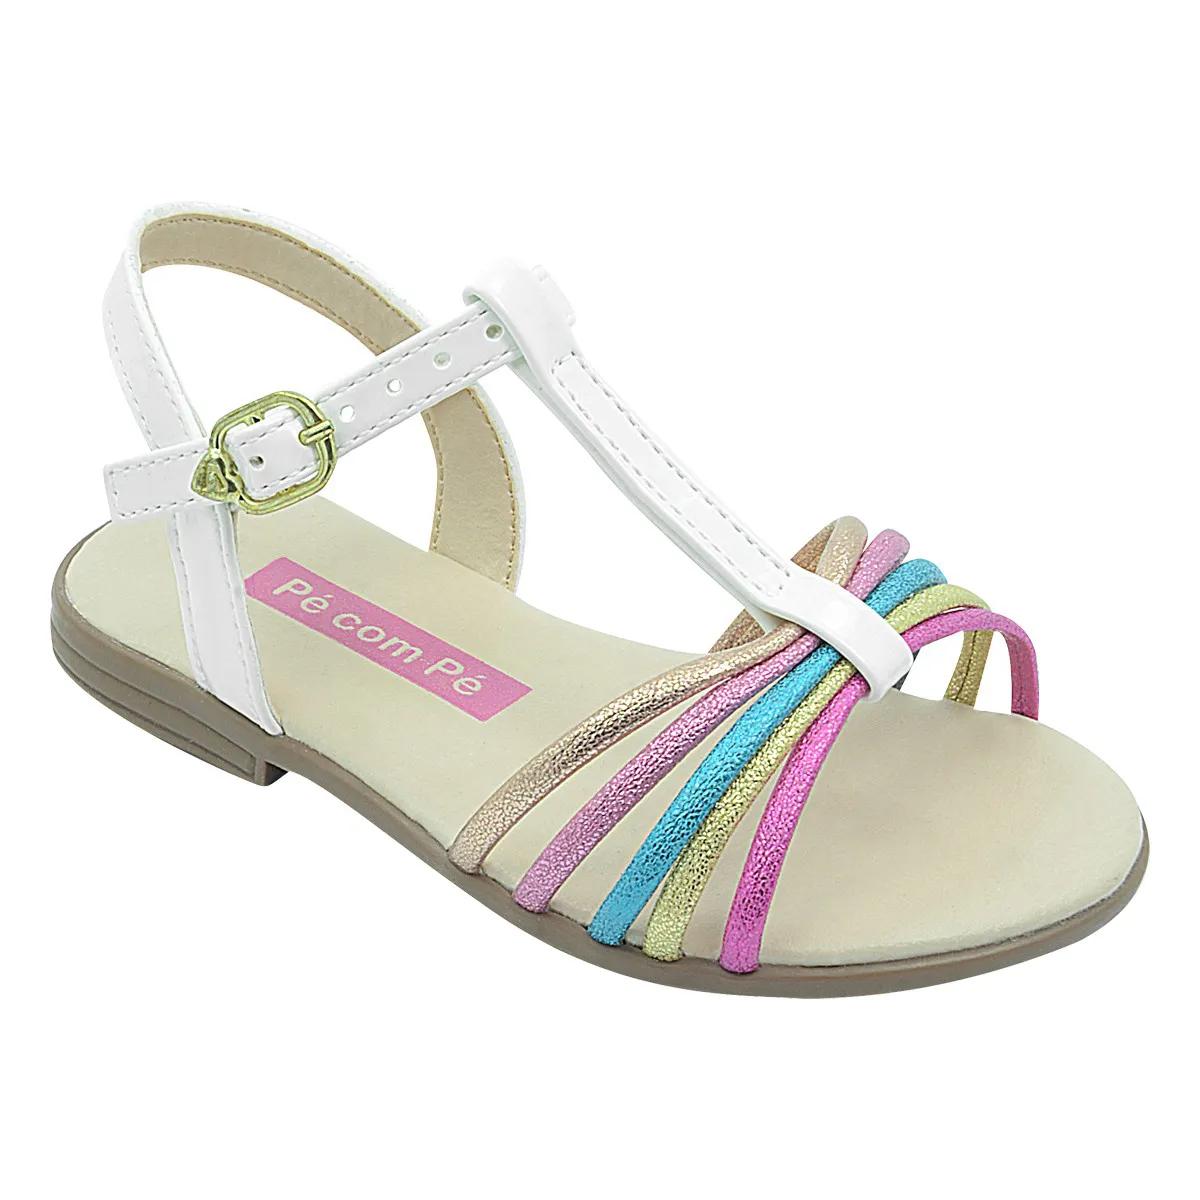 Sandália Infantil Slim Branca com Tiras Coloridas Feminina